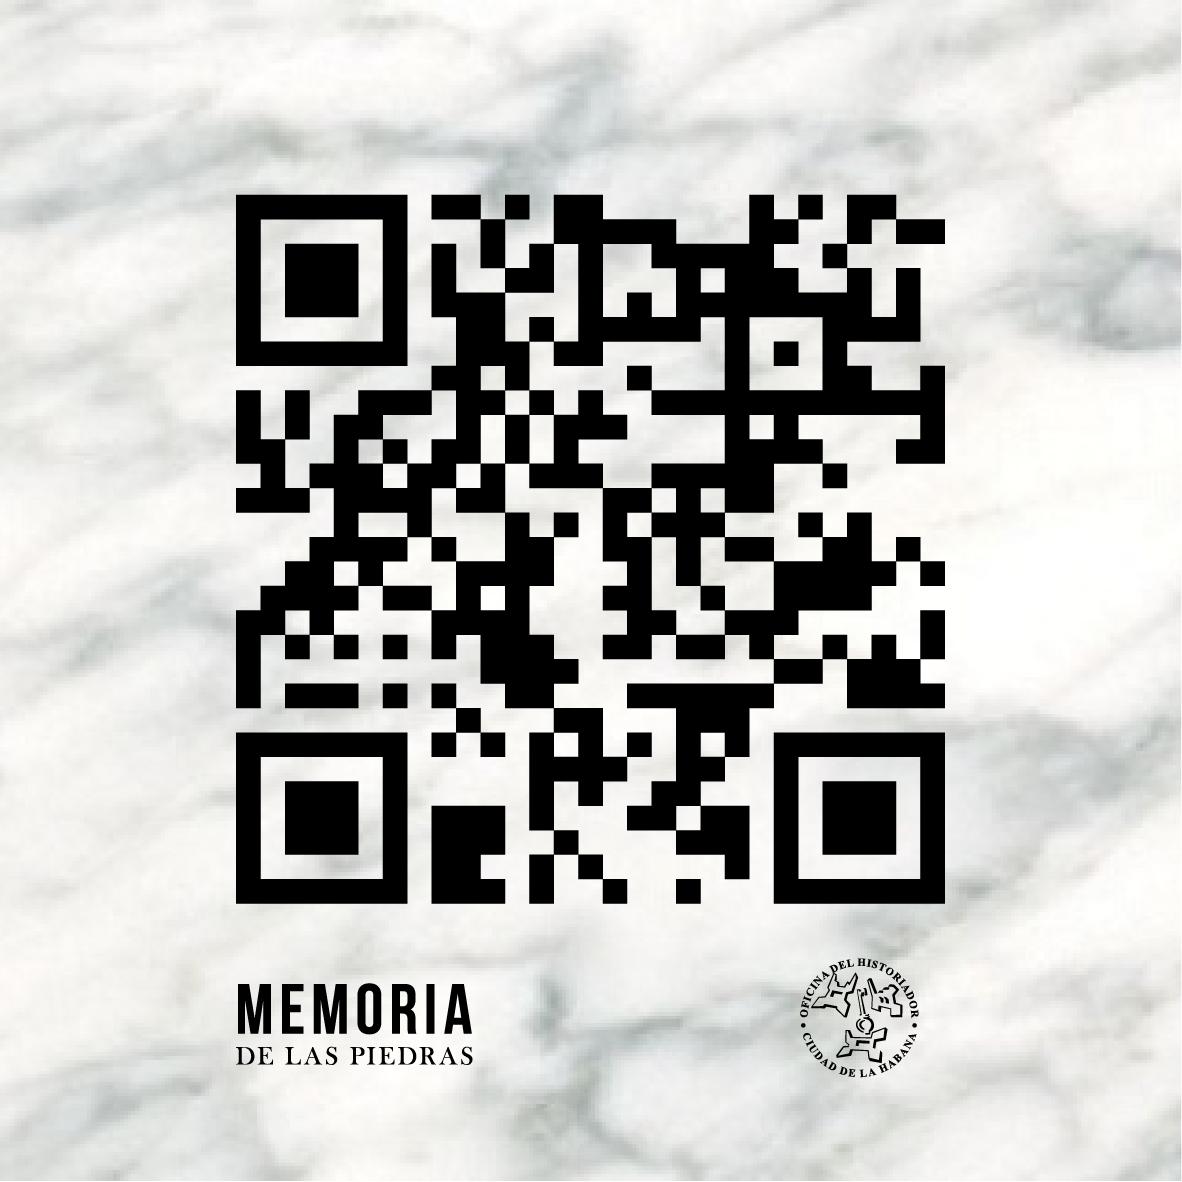 Memoria-3-01